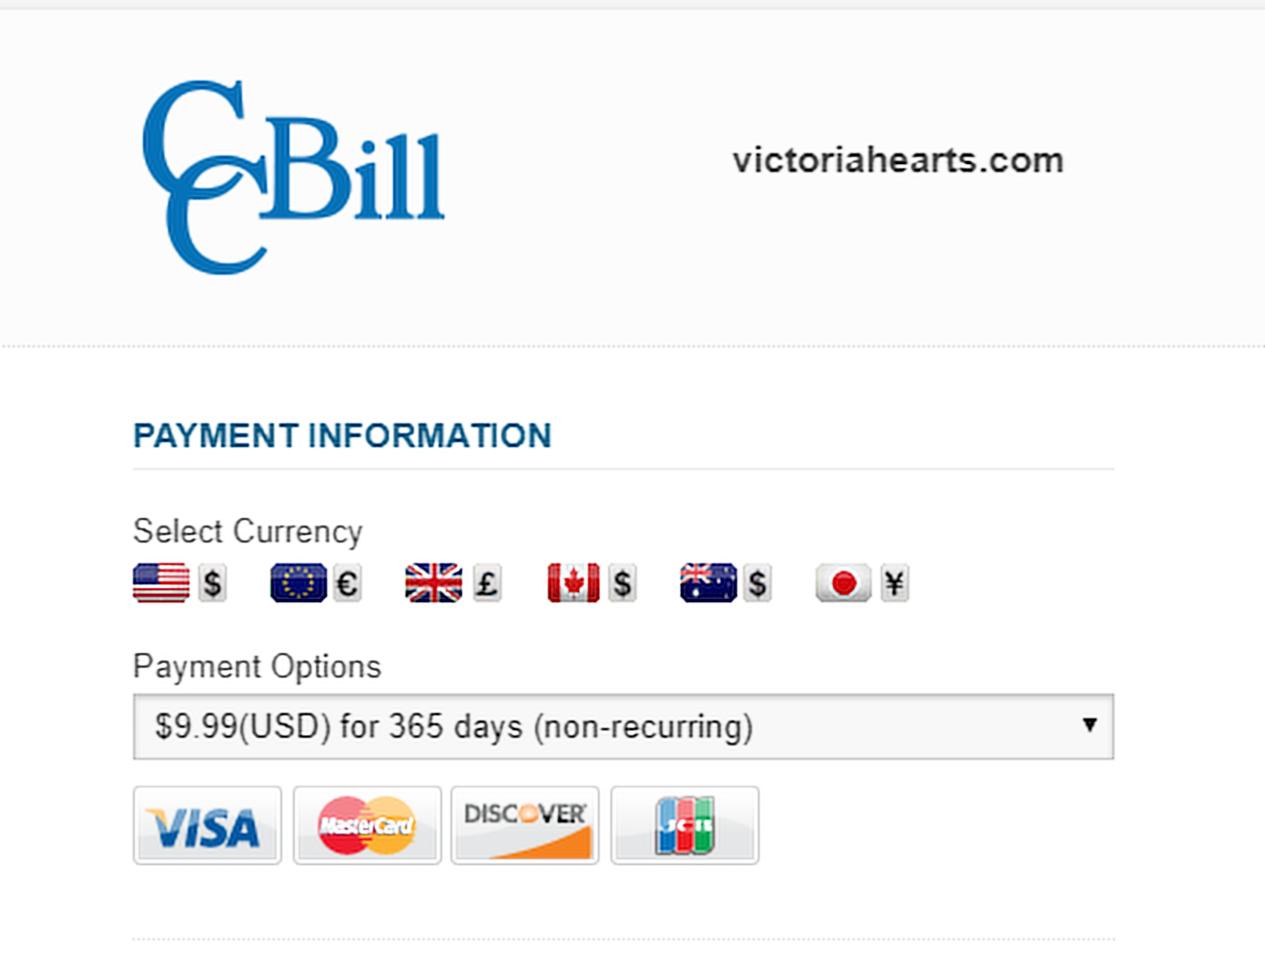 Victoria Hearts Cost